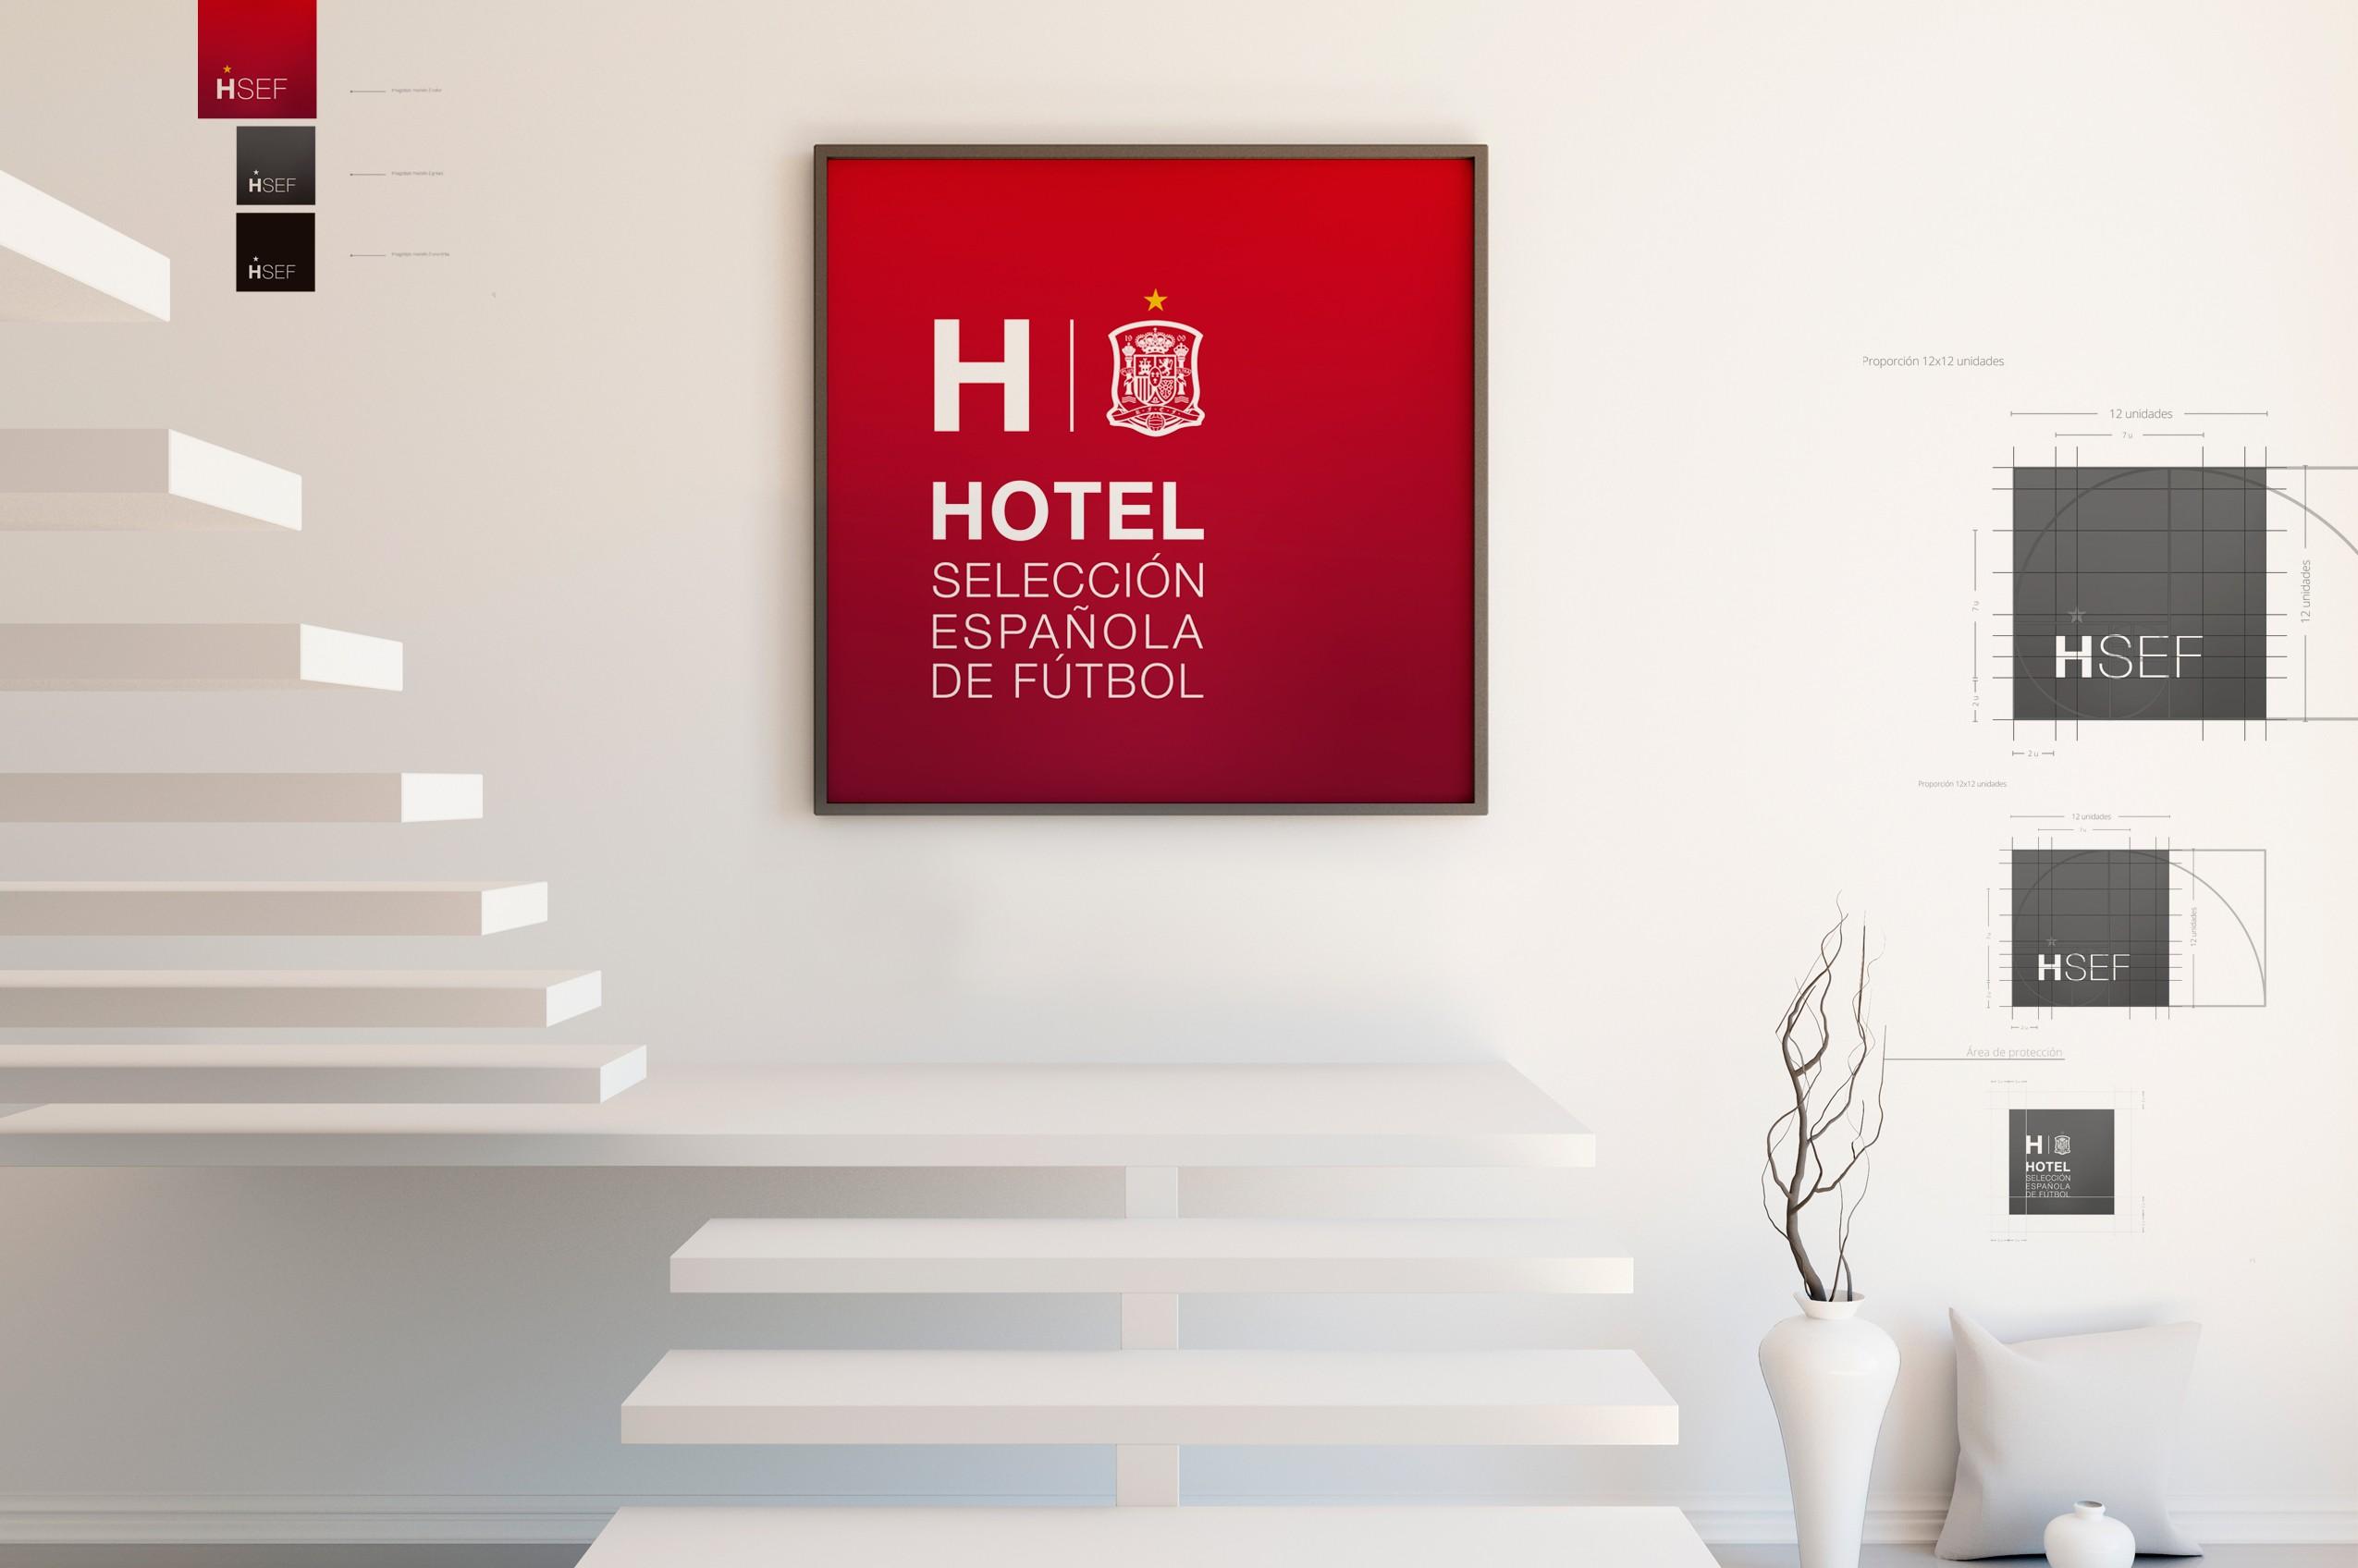 Hotel Selección española de fútbol RFEF